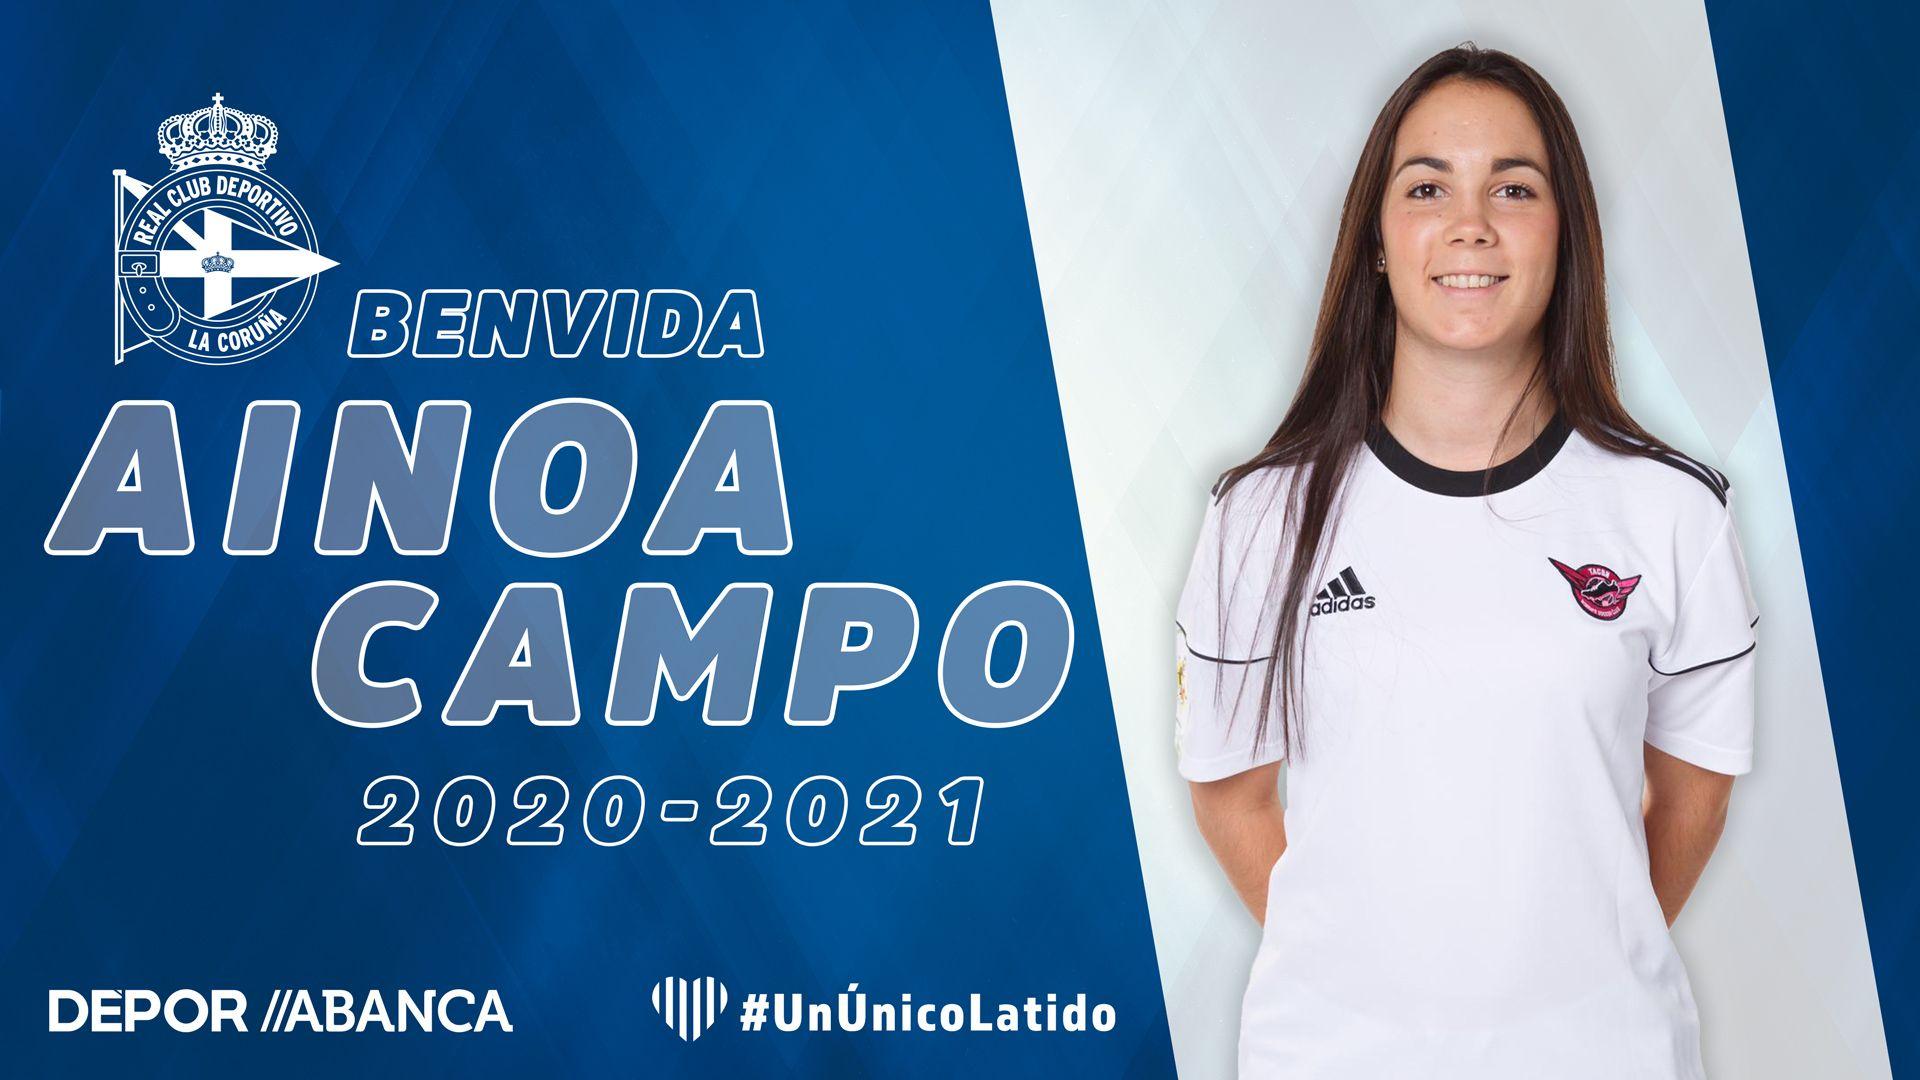 Ainoa Campo, xogadora do Dépor ABANCA | RCD